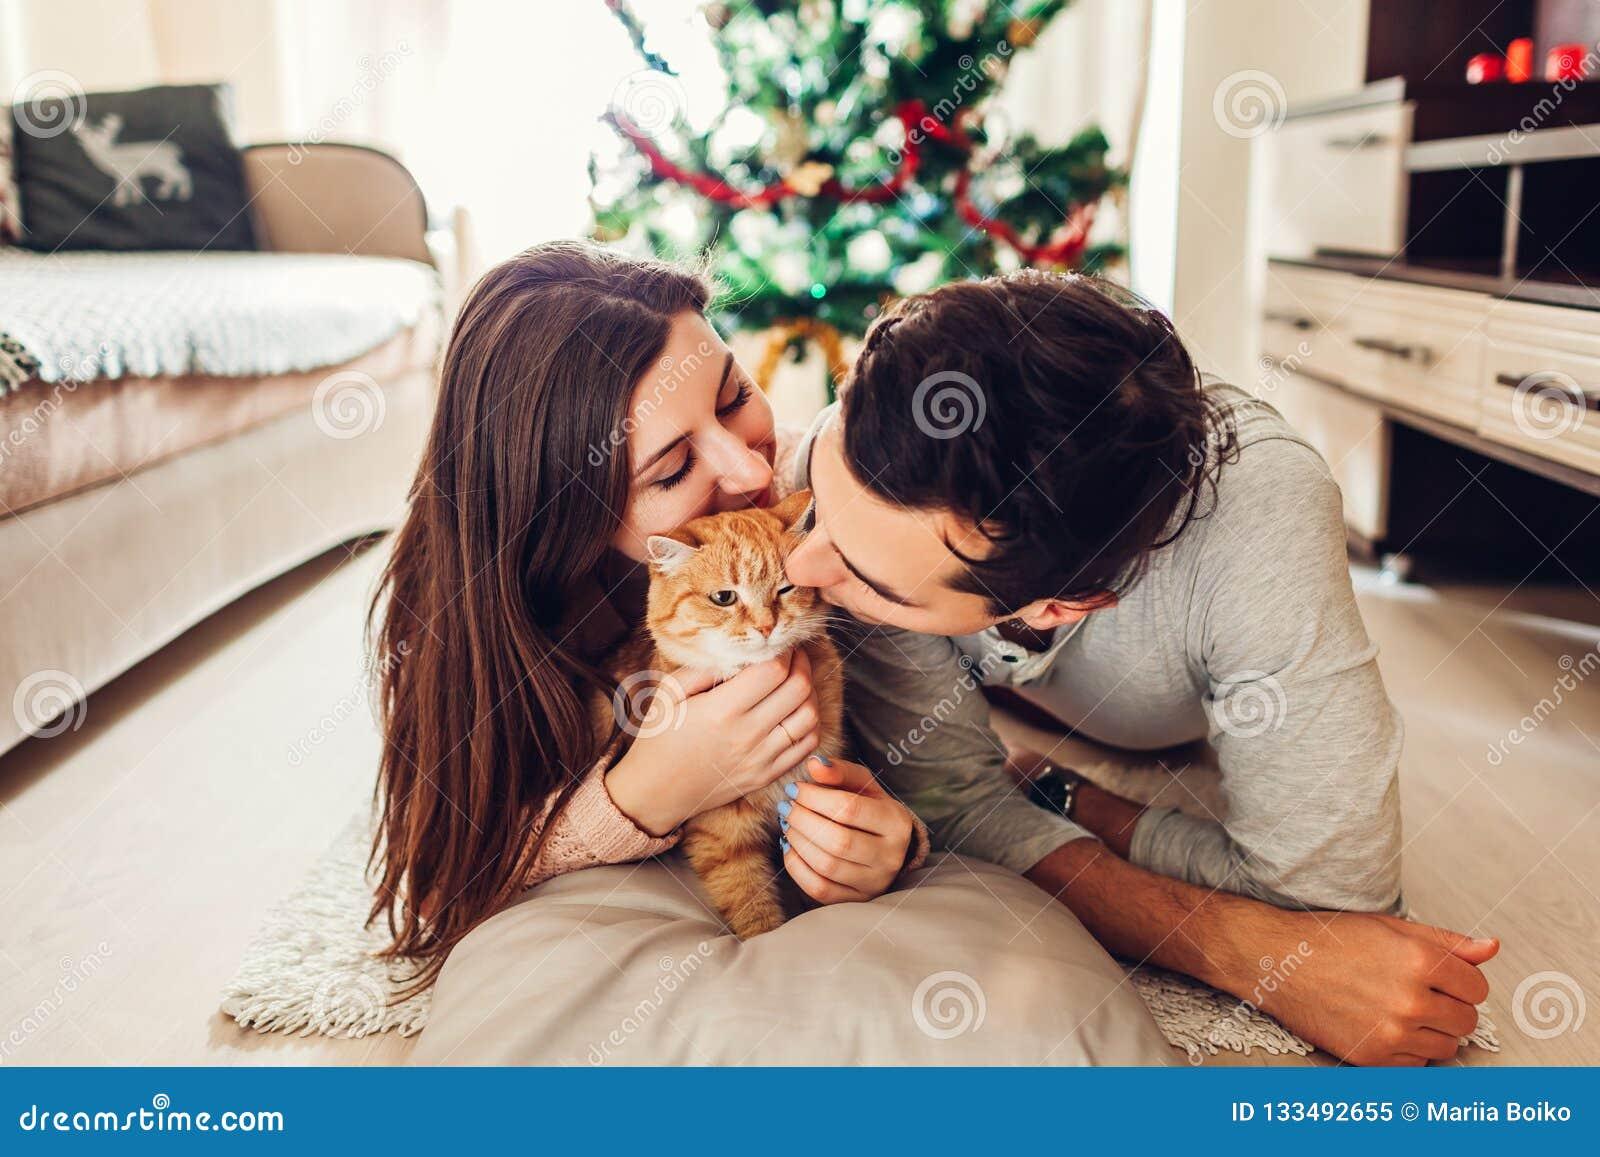 Paar in liefde die door Kerstboom liggen en met kat thuis spelen Het ontspannen van de man en van de vrouw